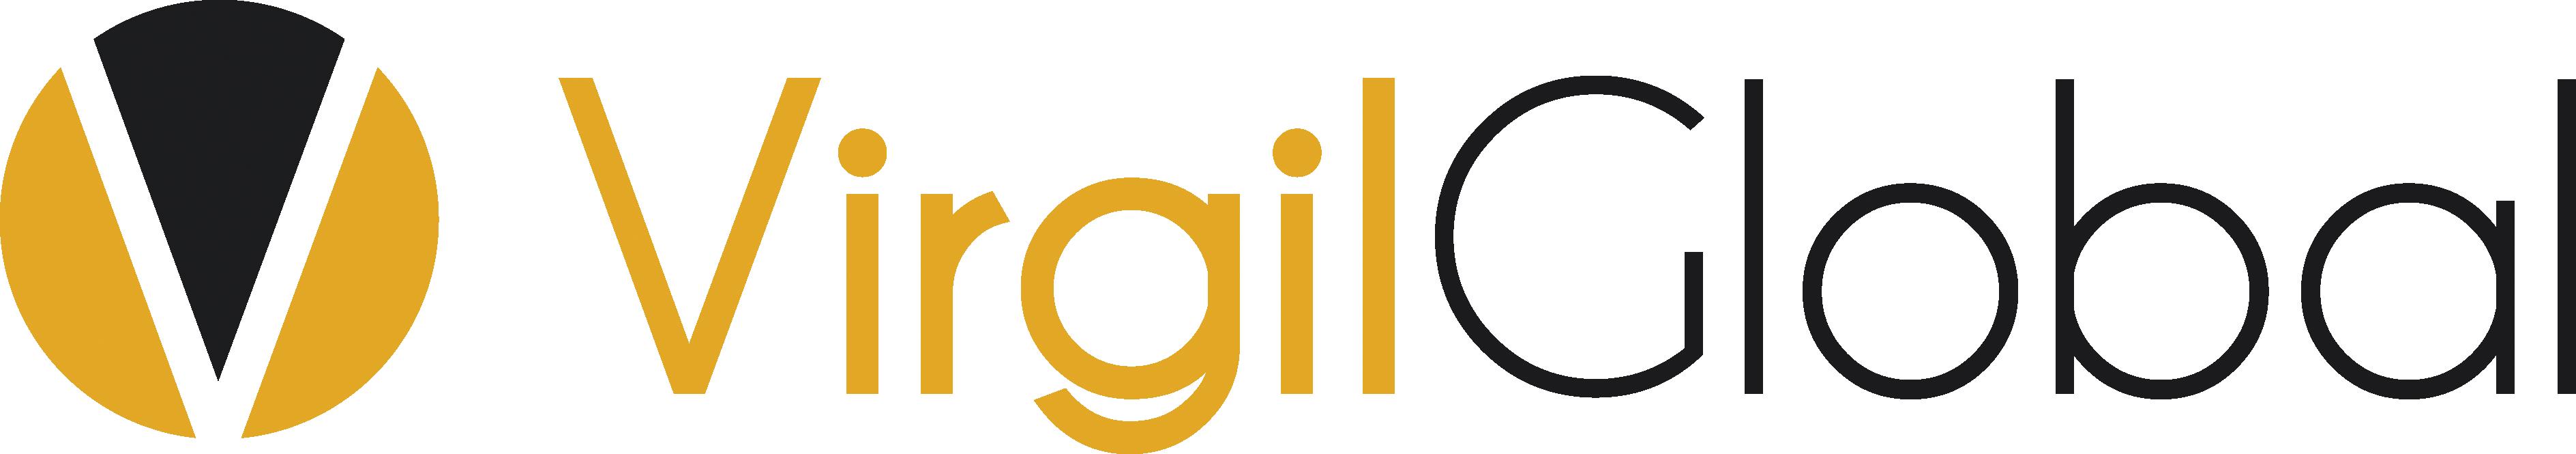 Virgil Global logo